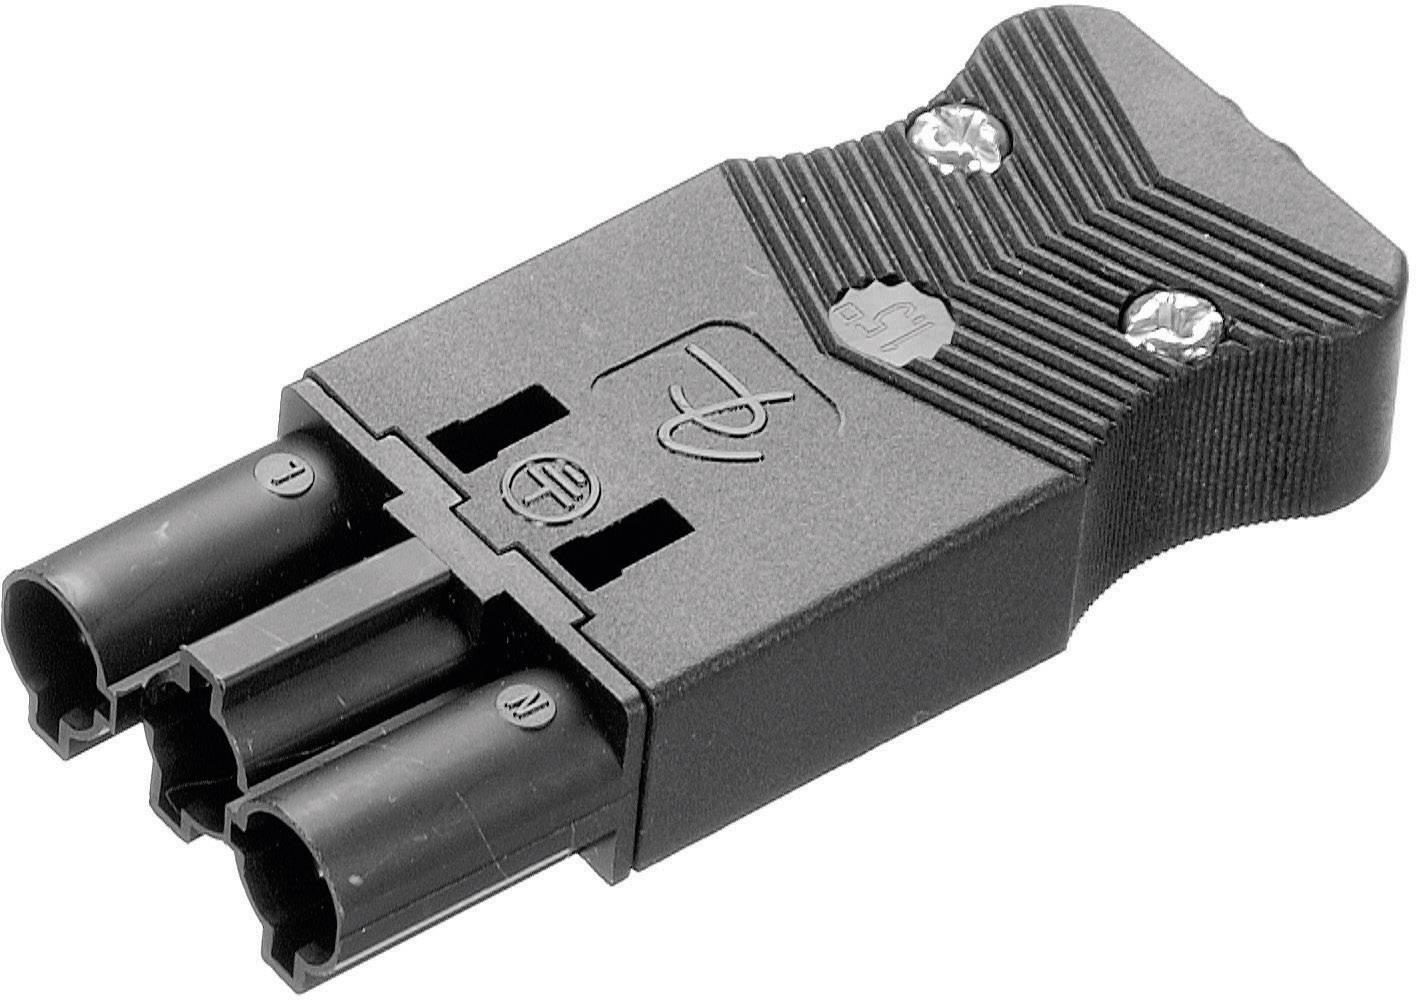 Sieťový konektor Adels-Contact AC 166 GSTPF/ 3, zástrčka, rovná, počet kontaktov: 2 + PE, 16 A, 250 V, čierna, 1 ks